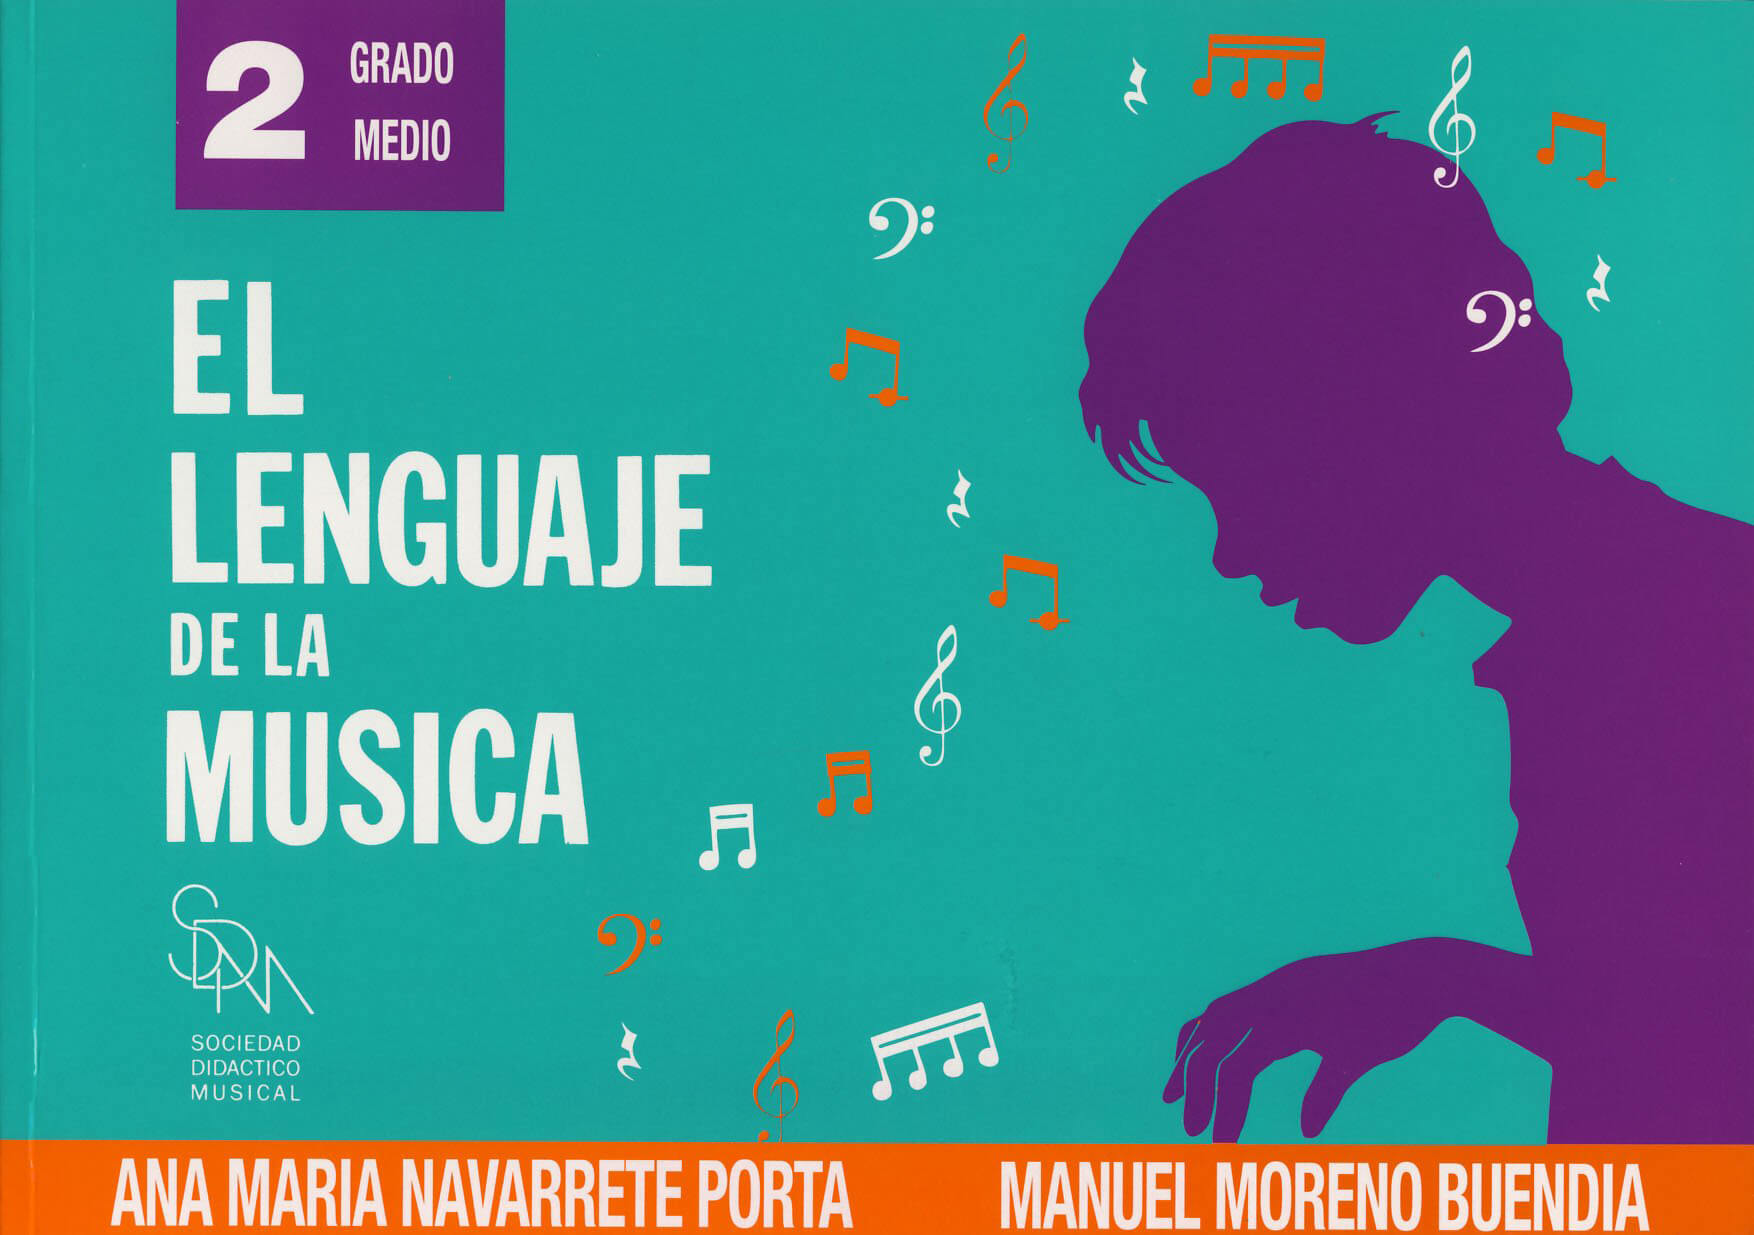 El Lenguaje De La Musica  Vol.2 Grado Medio Navarrete